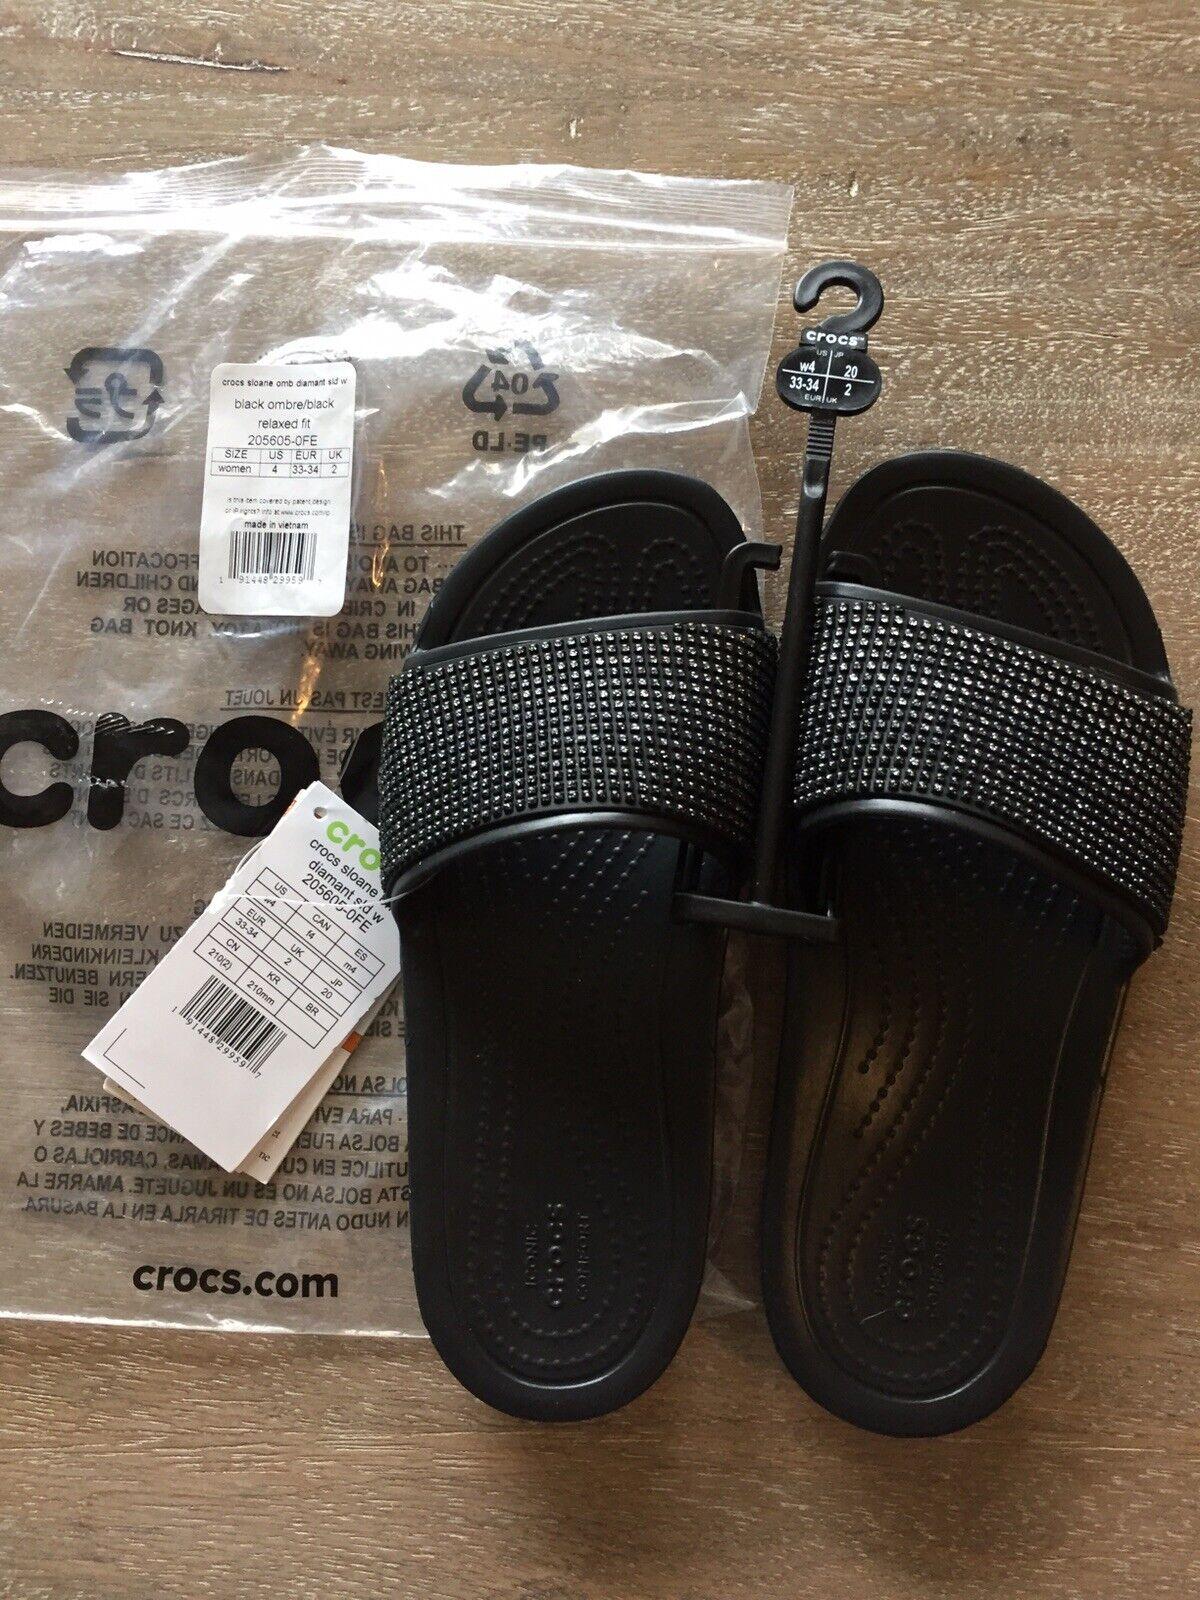 Crocs NEW Women's Sloane Ombre Diamanté Embellished Slides Black Size 4